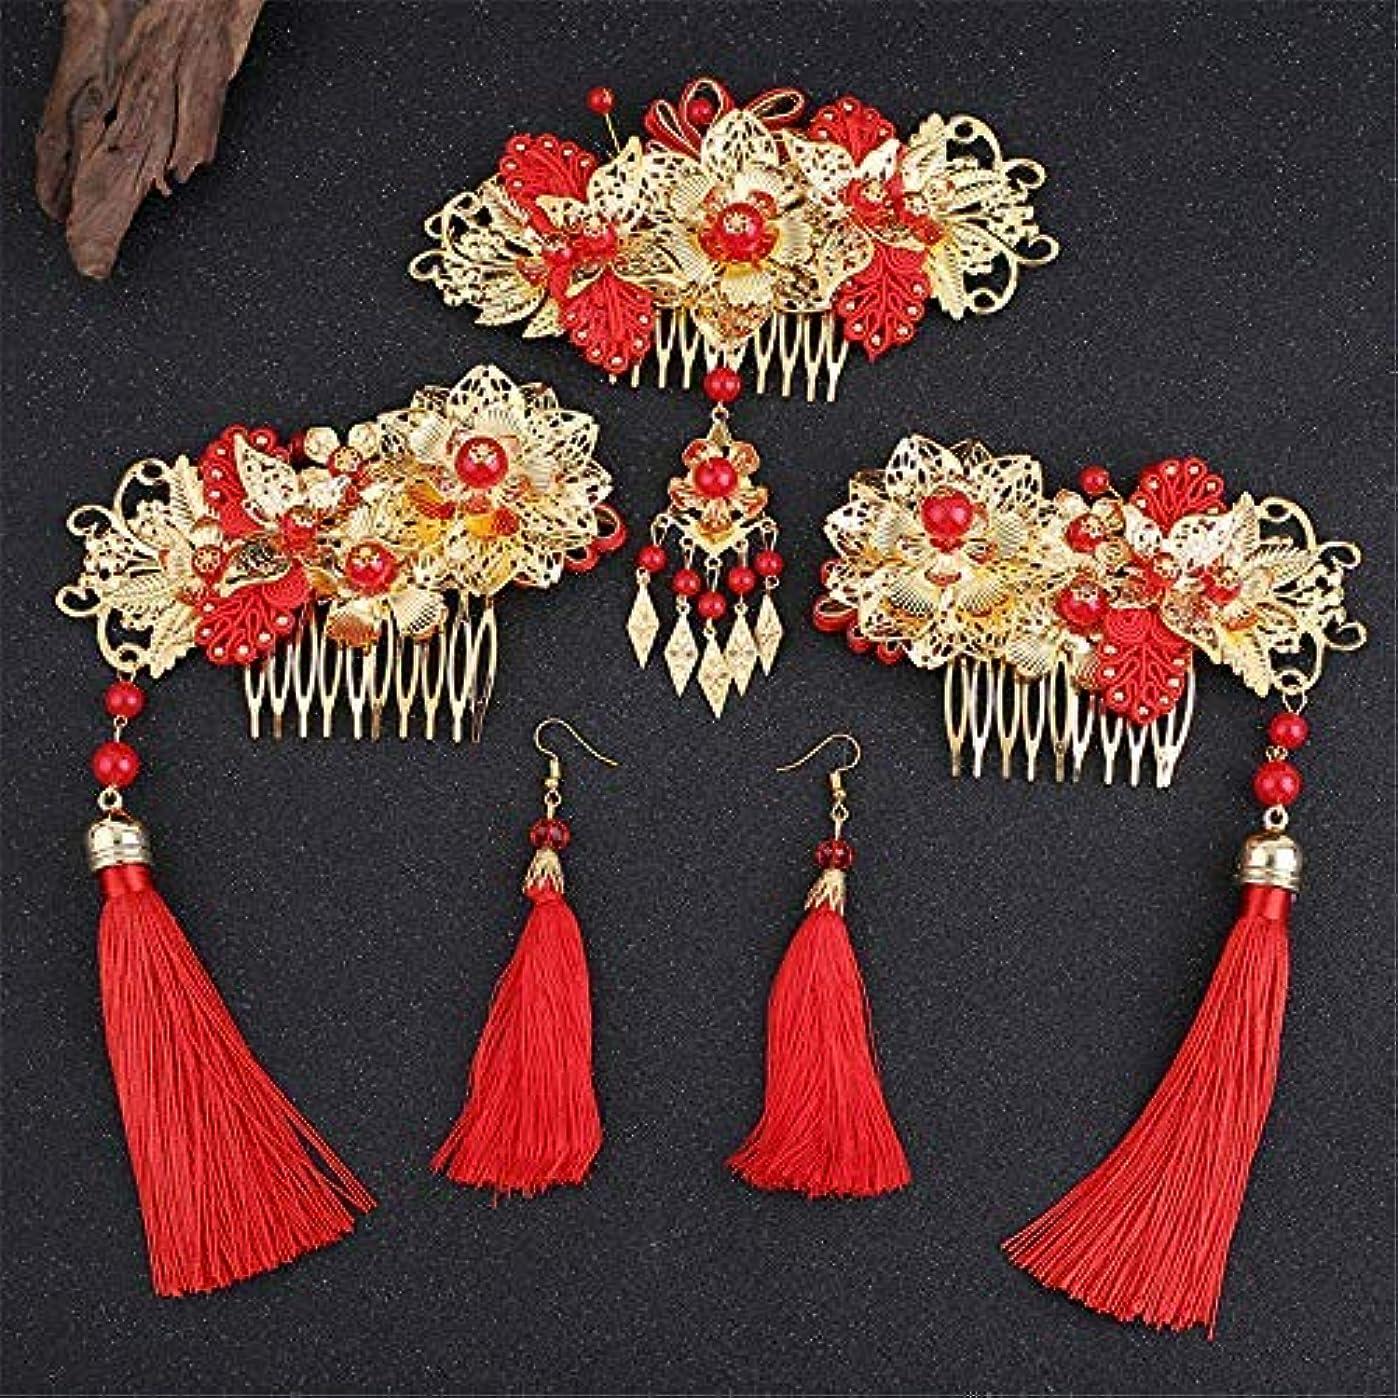 受付草ブースWedding Classical Traditional Chinese Wedding Bride Hair Accessory With Combs wedding accessories [並行輸入品]